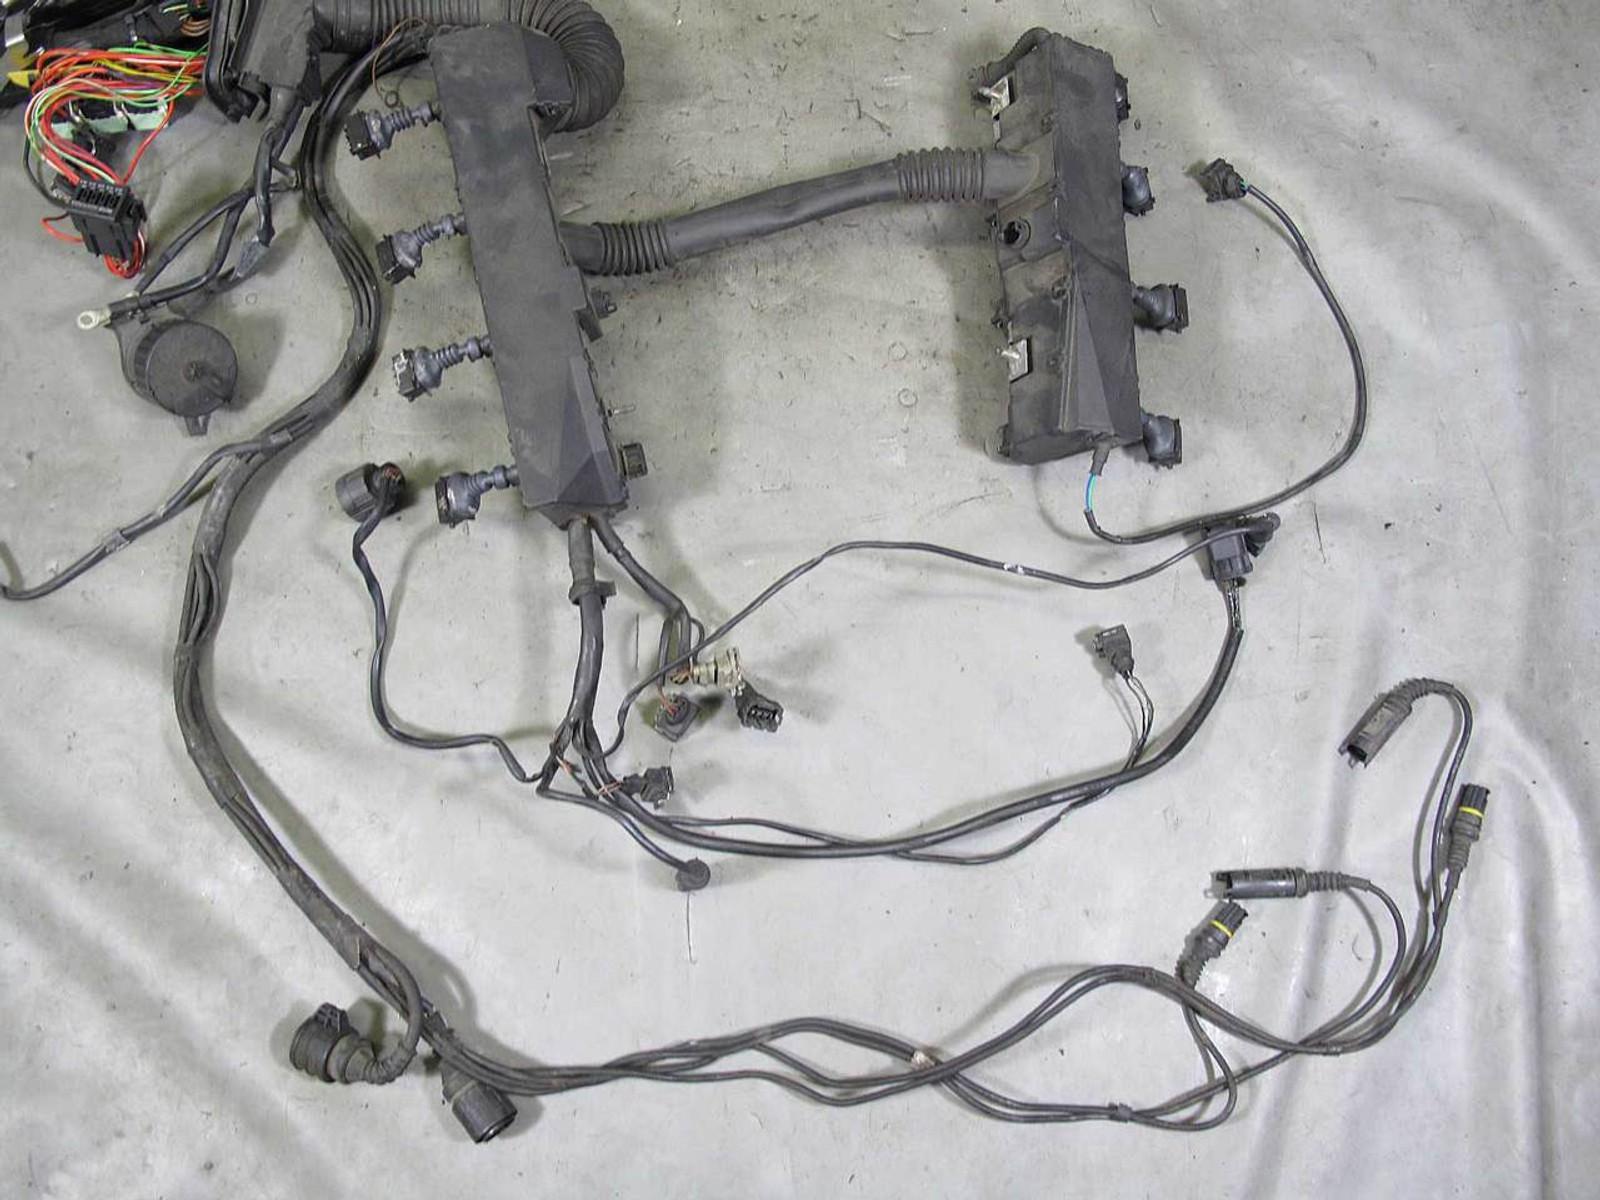 bmw 740il engine wiring harness wiring diagram third level 1998 bmw 740il body kit 1996 1997 [ 1280 x 960 Pixel ]